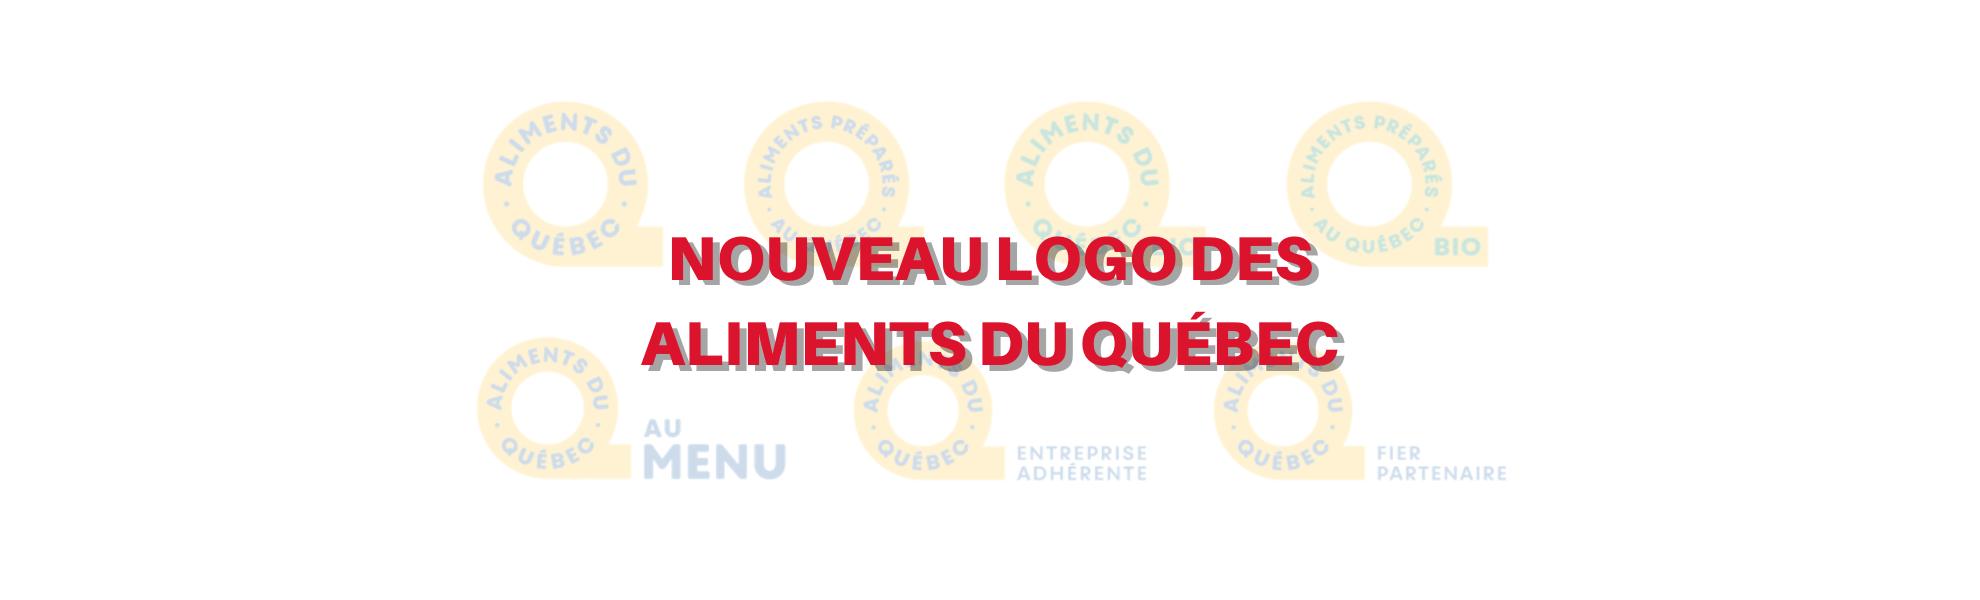 bannière_logo_aliments_du_quebec